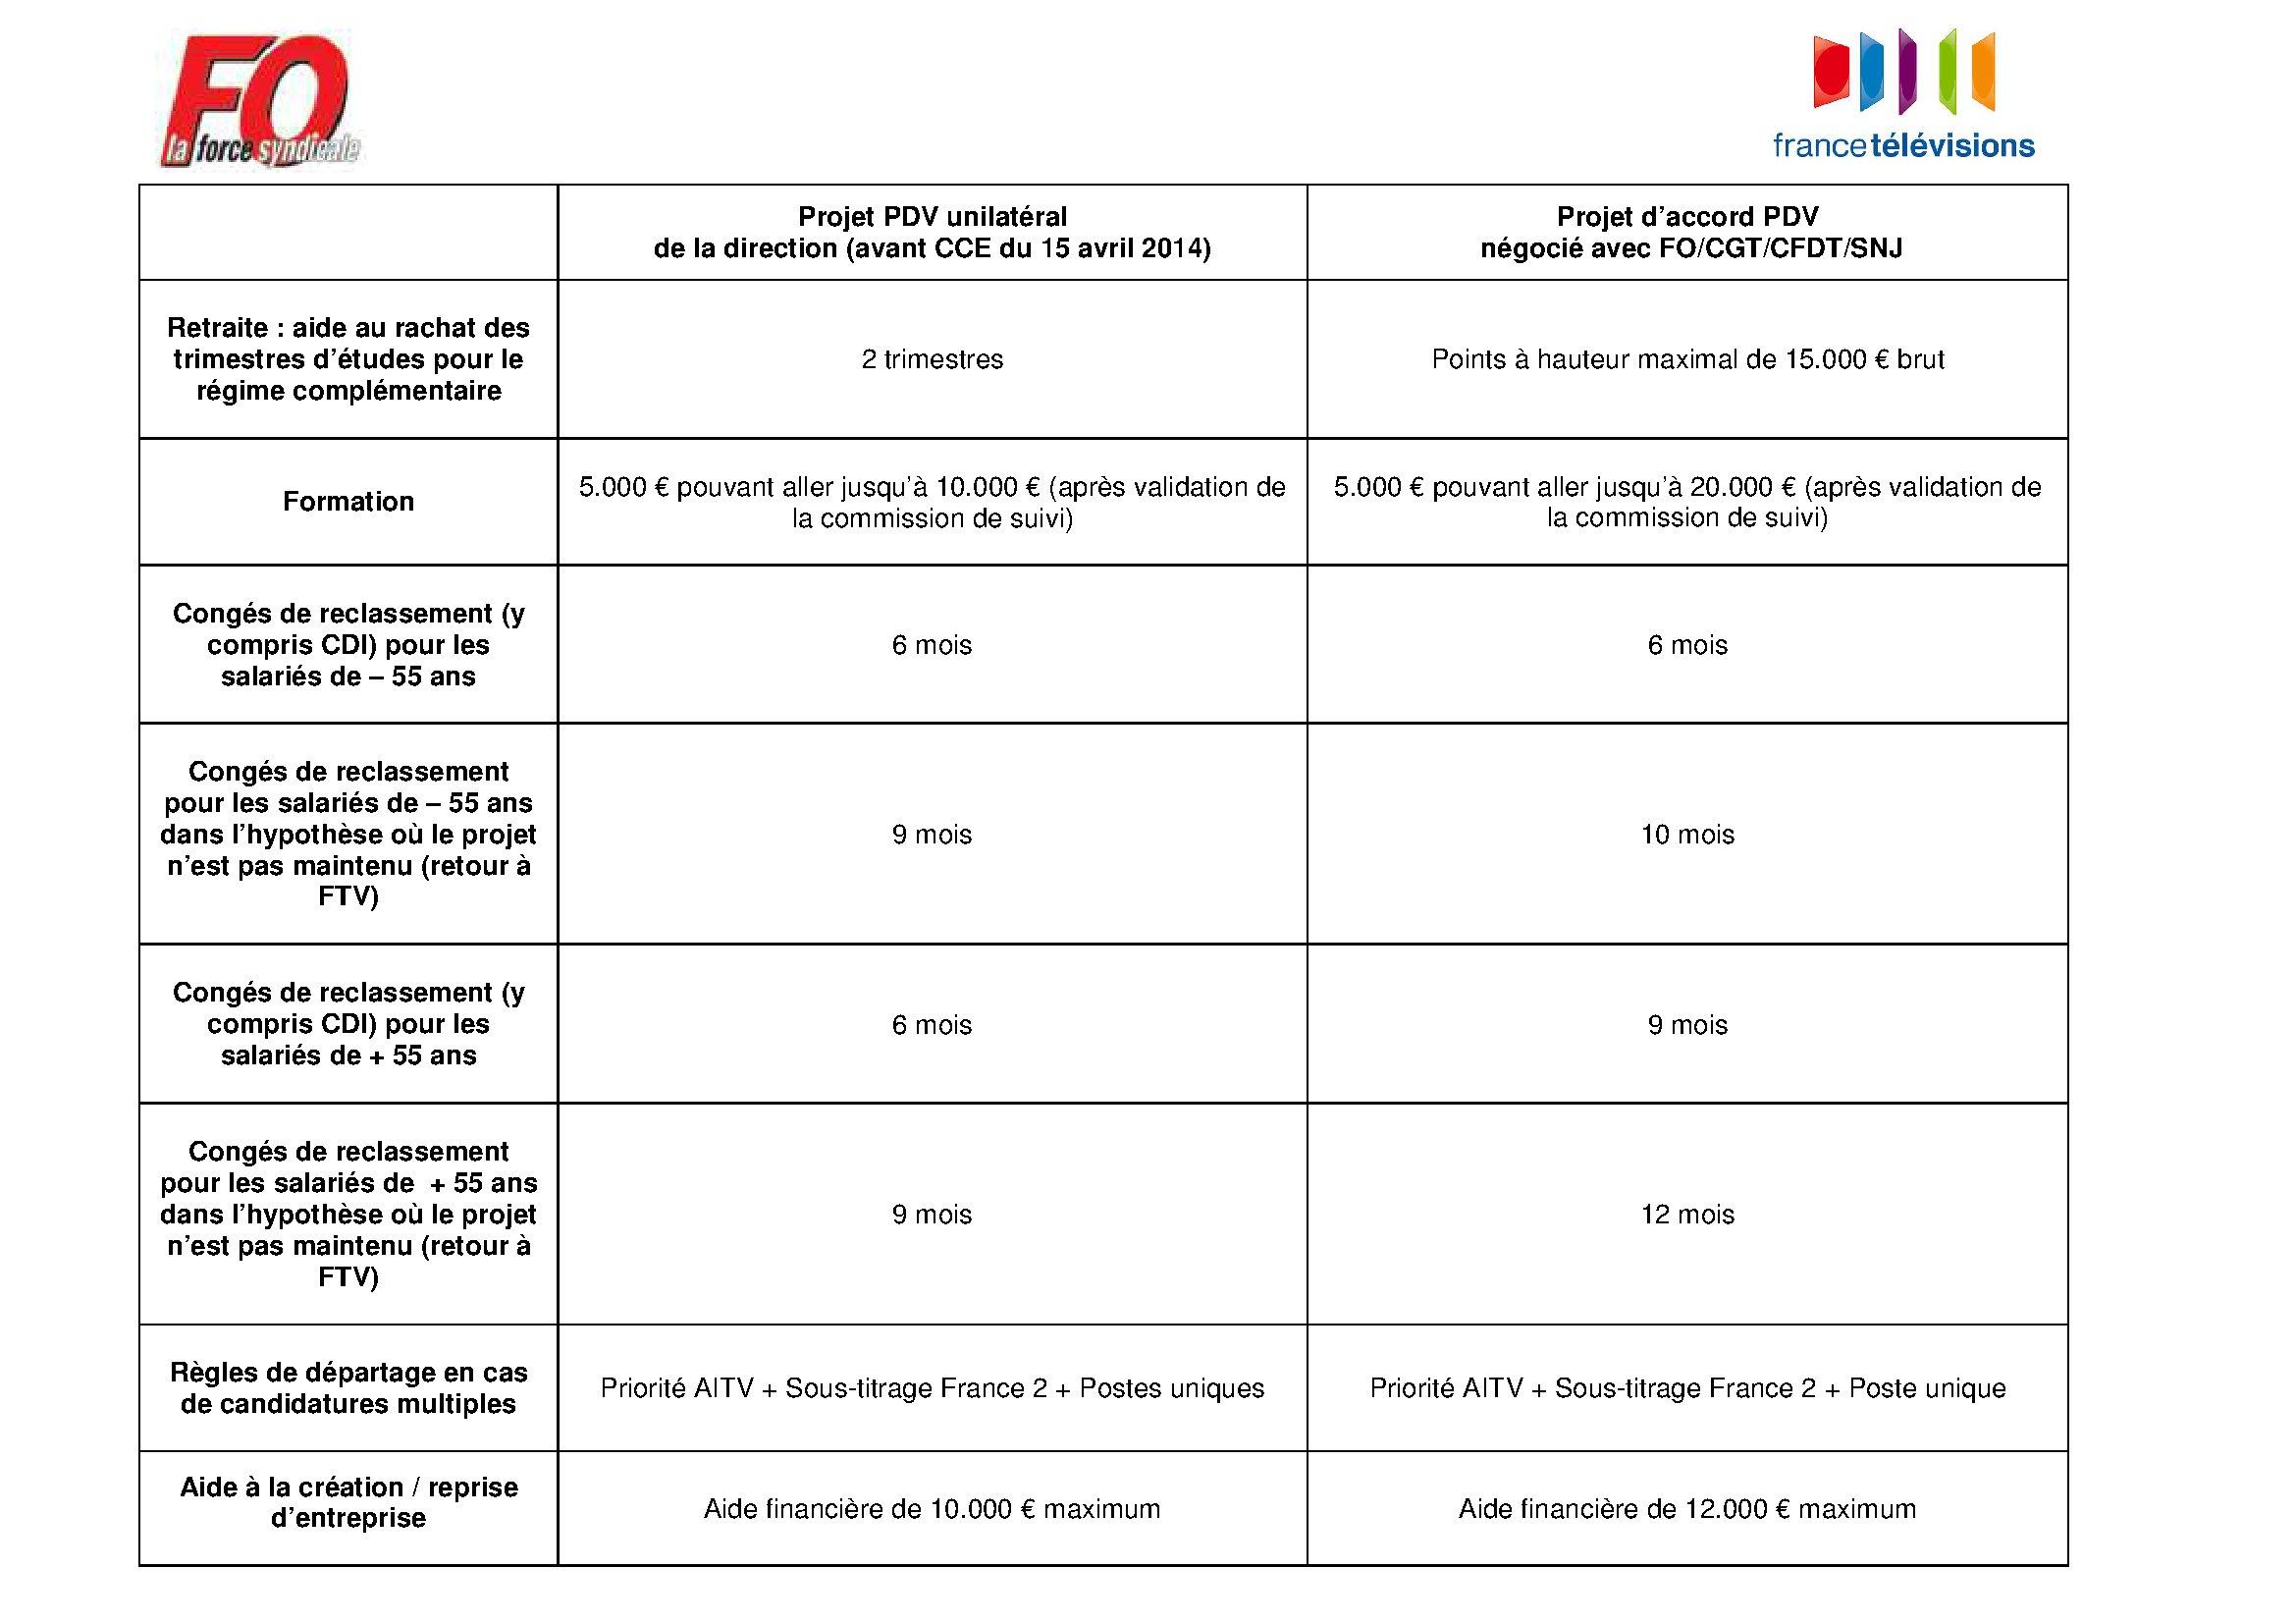 Tableau PDV 3